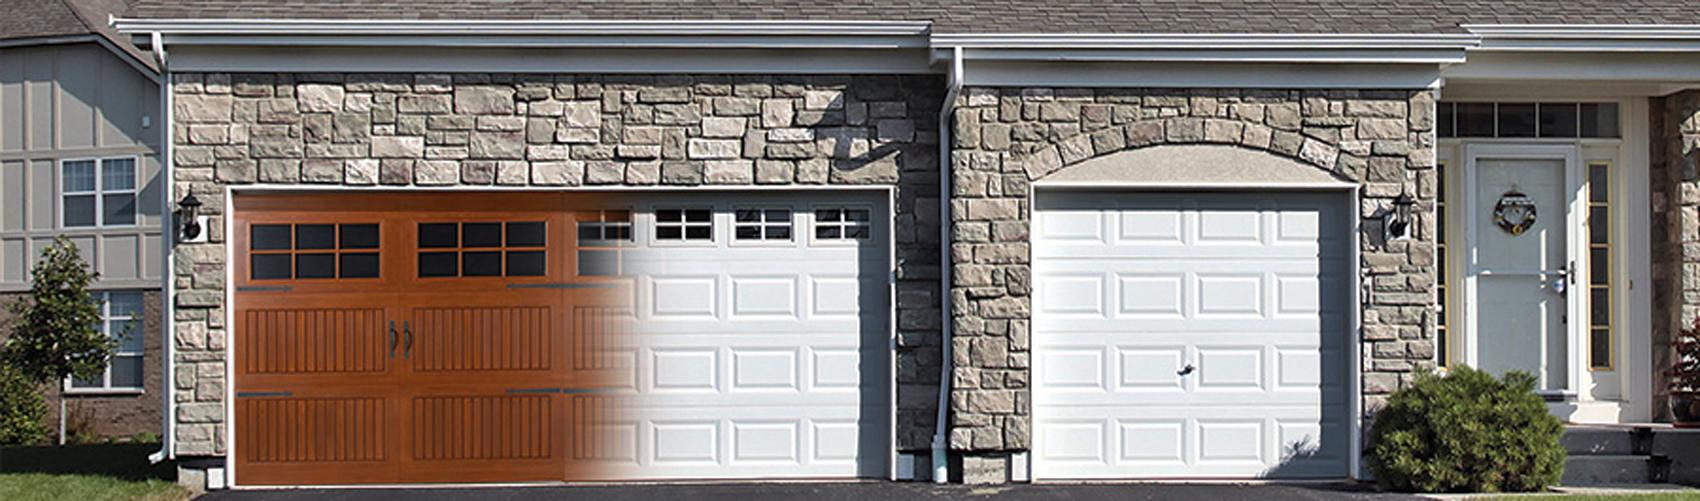 Killeen Overhead Door Garage Repair 254 848